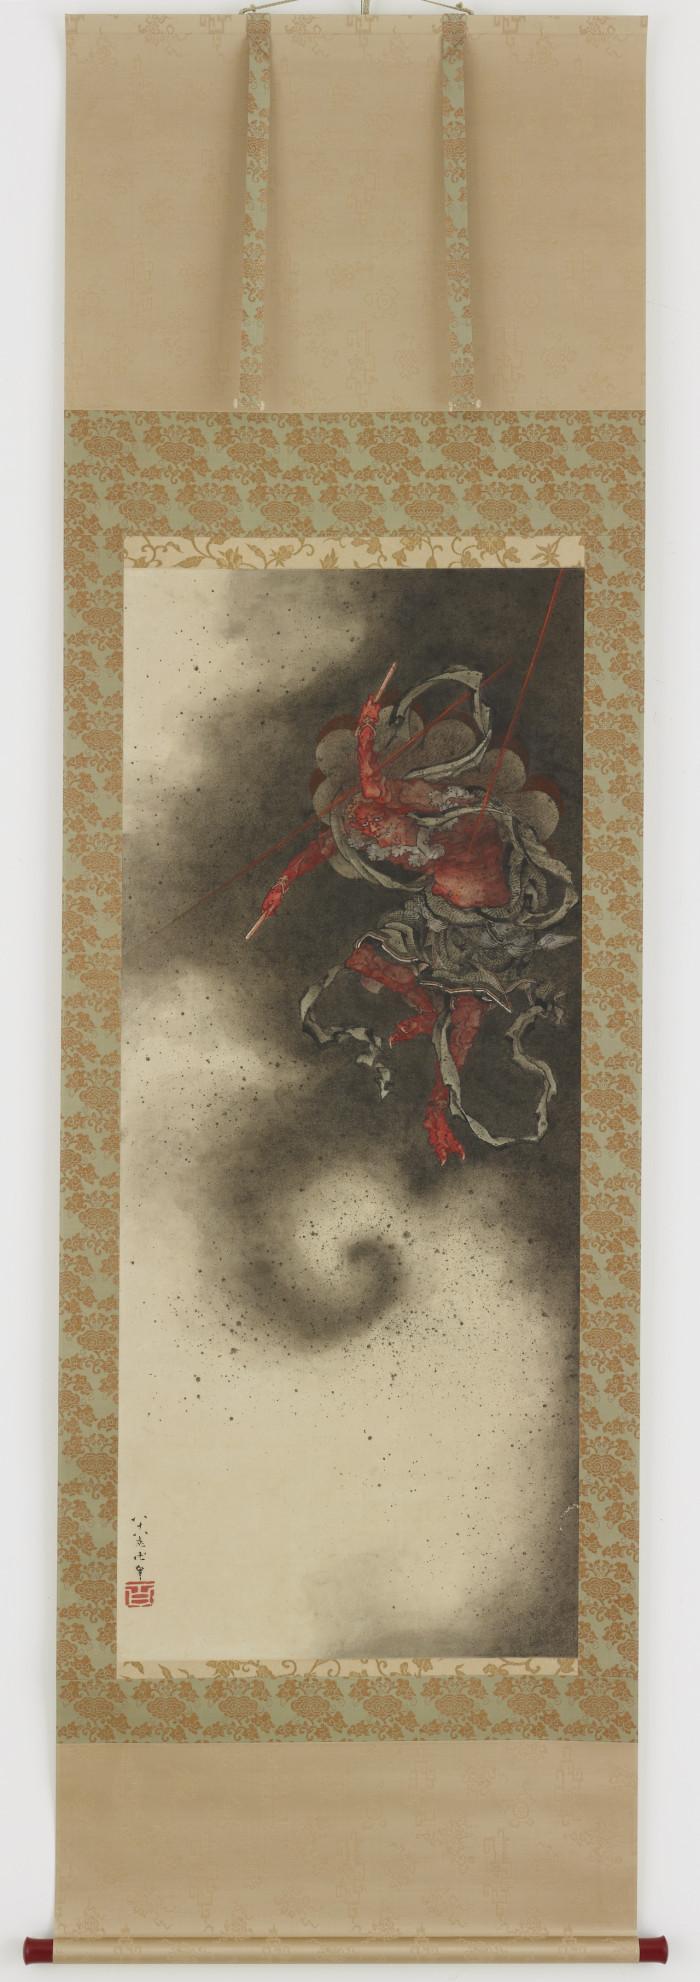 Katsushika Hokusai,